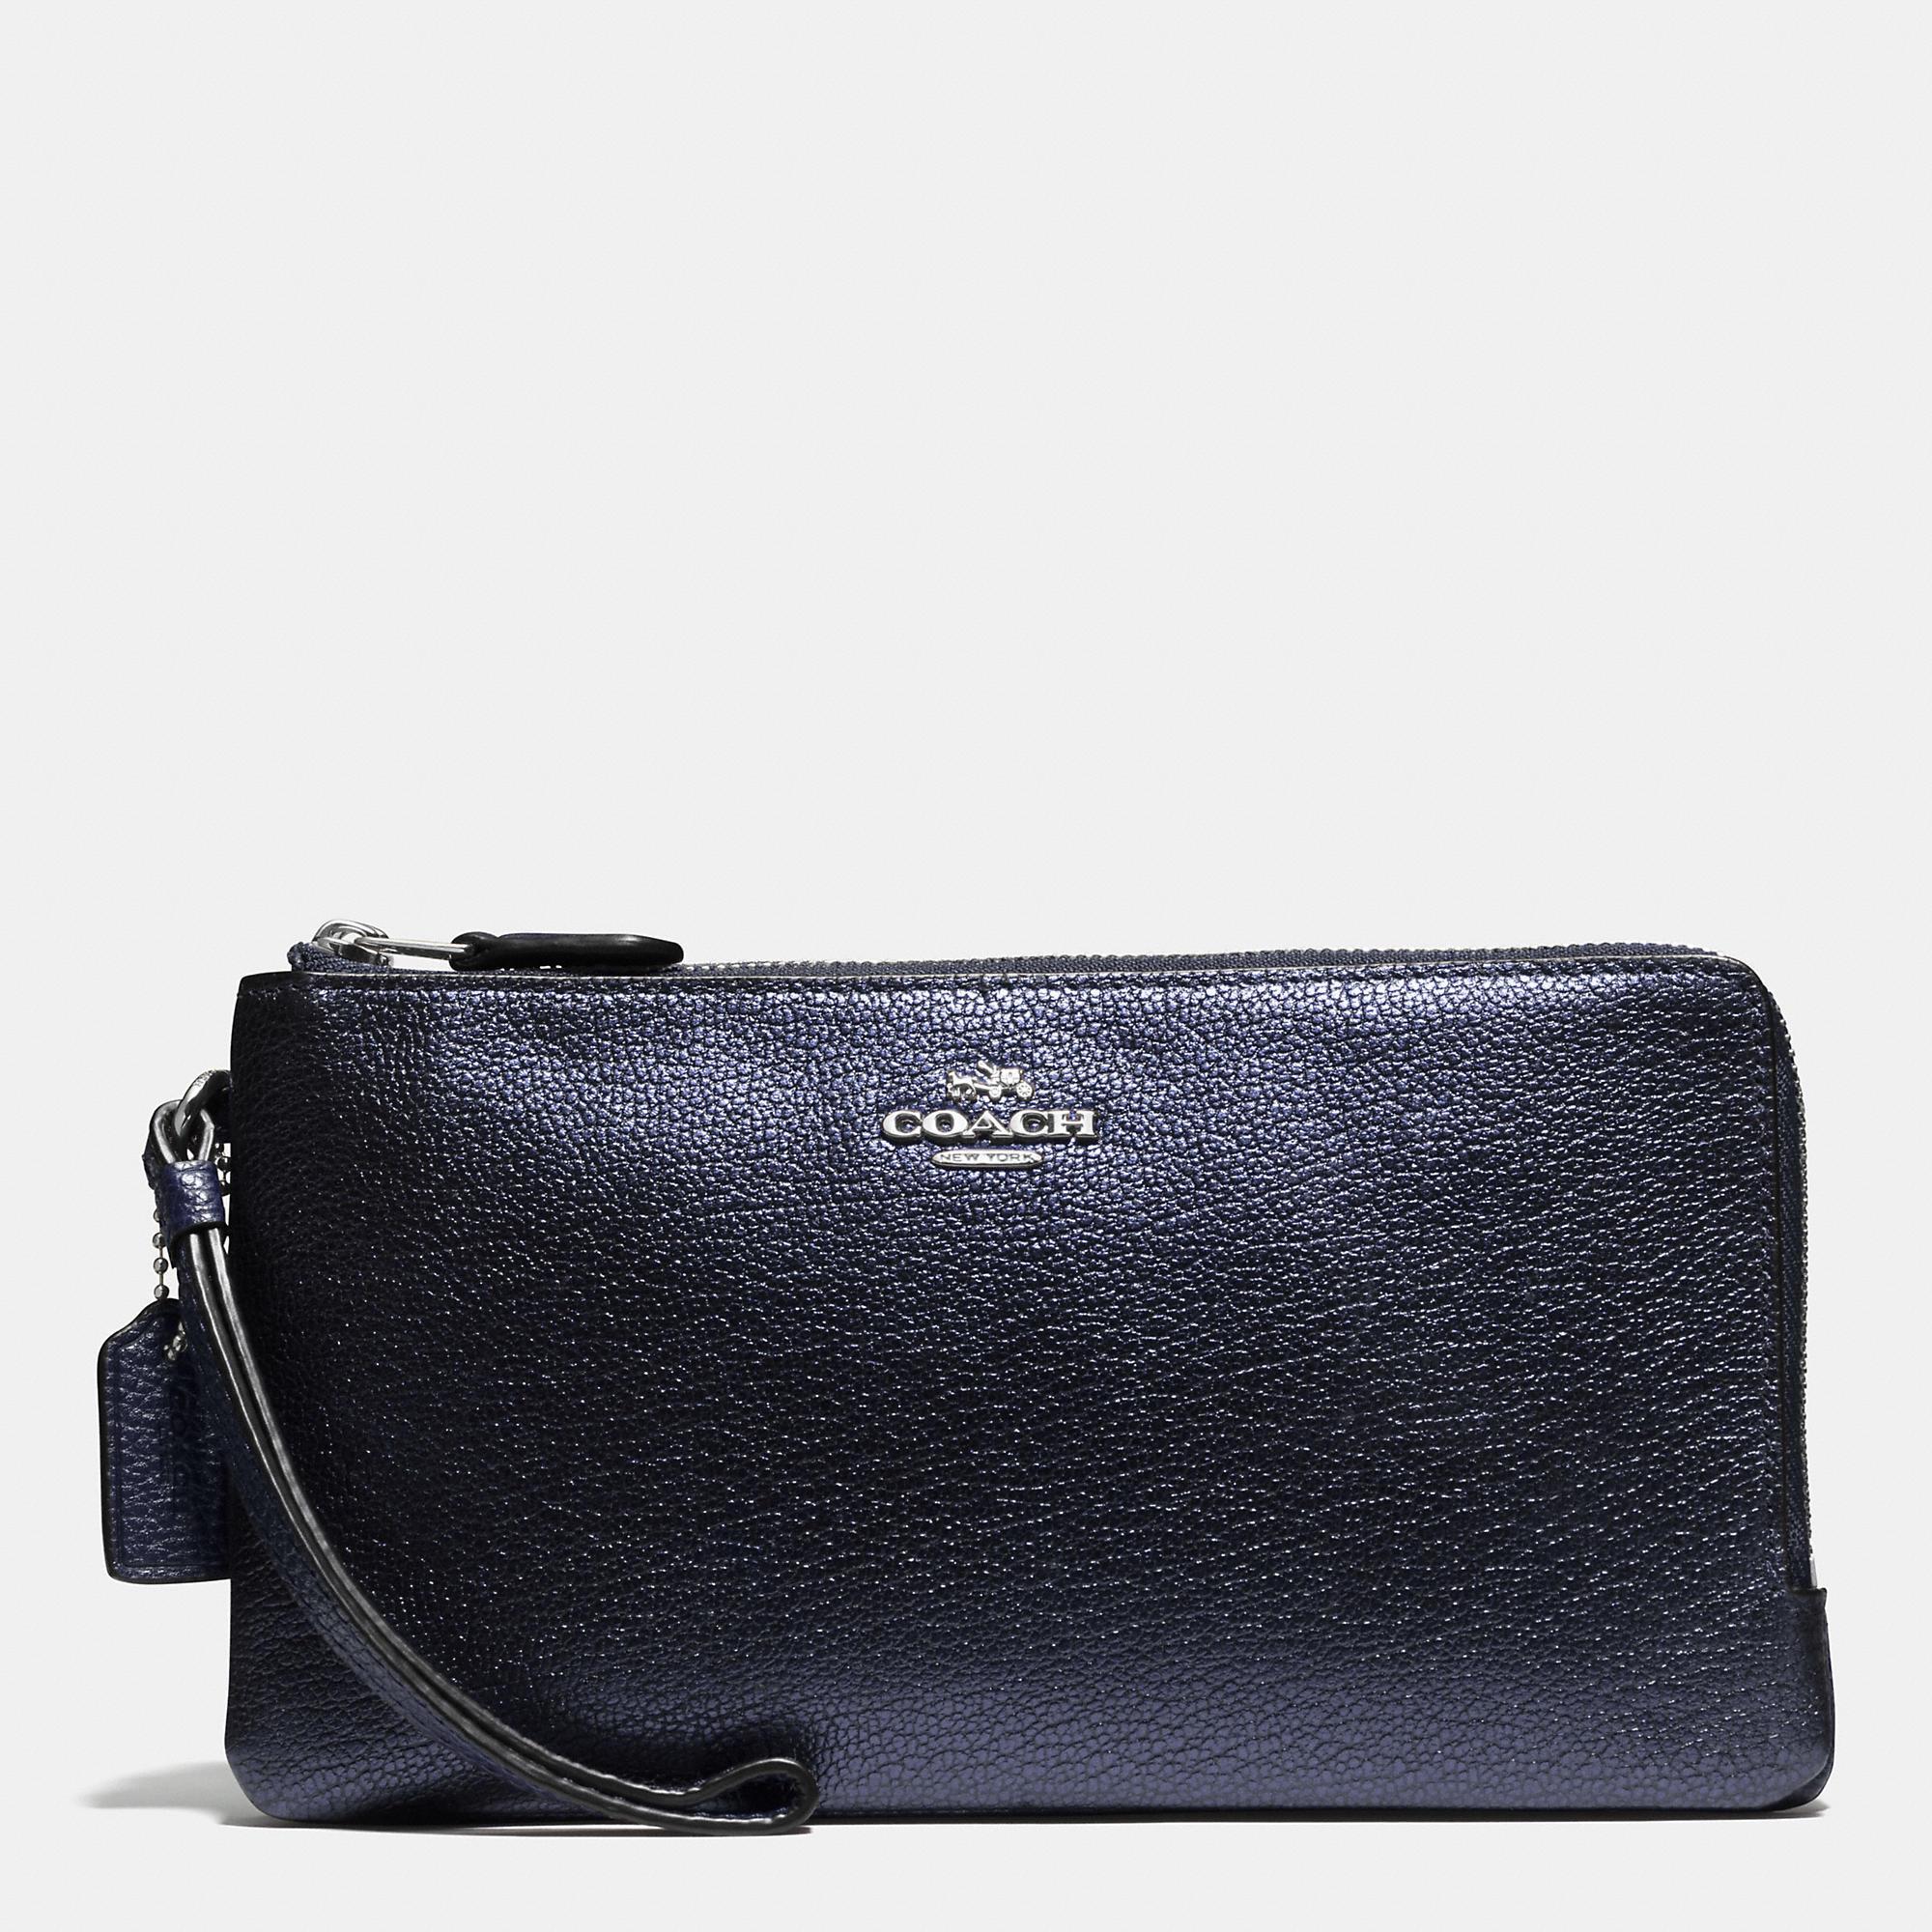 Women'S Italian Leather Double Zip Wallets 20